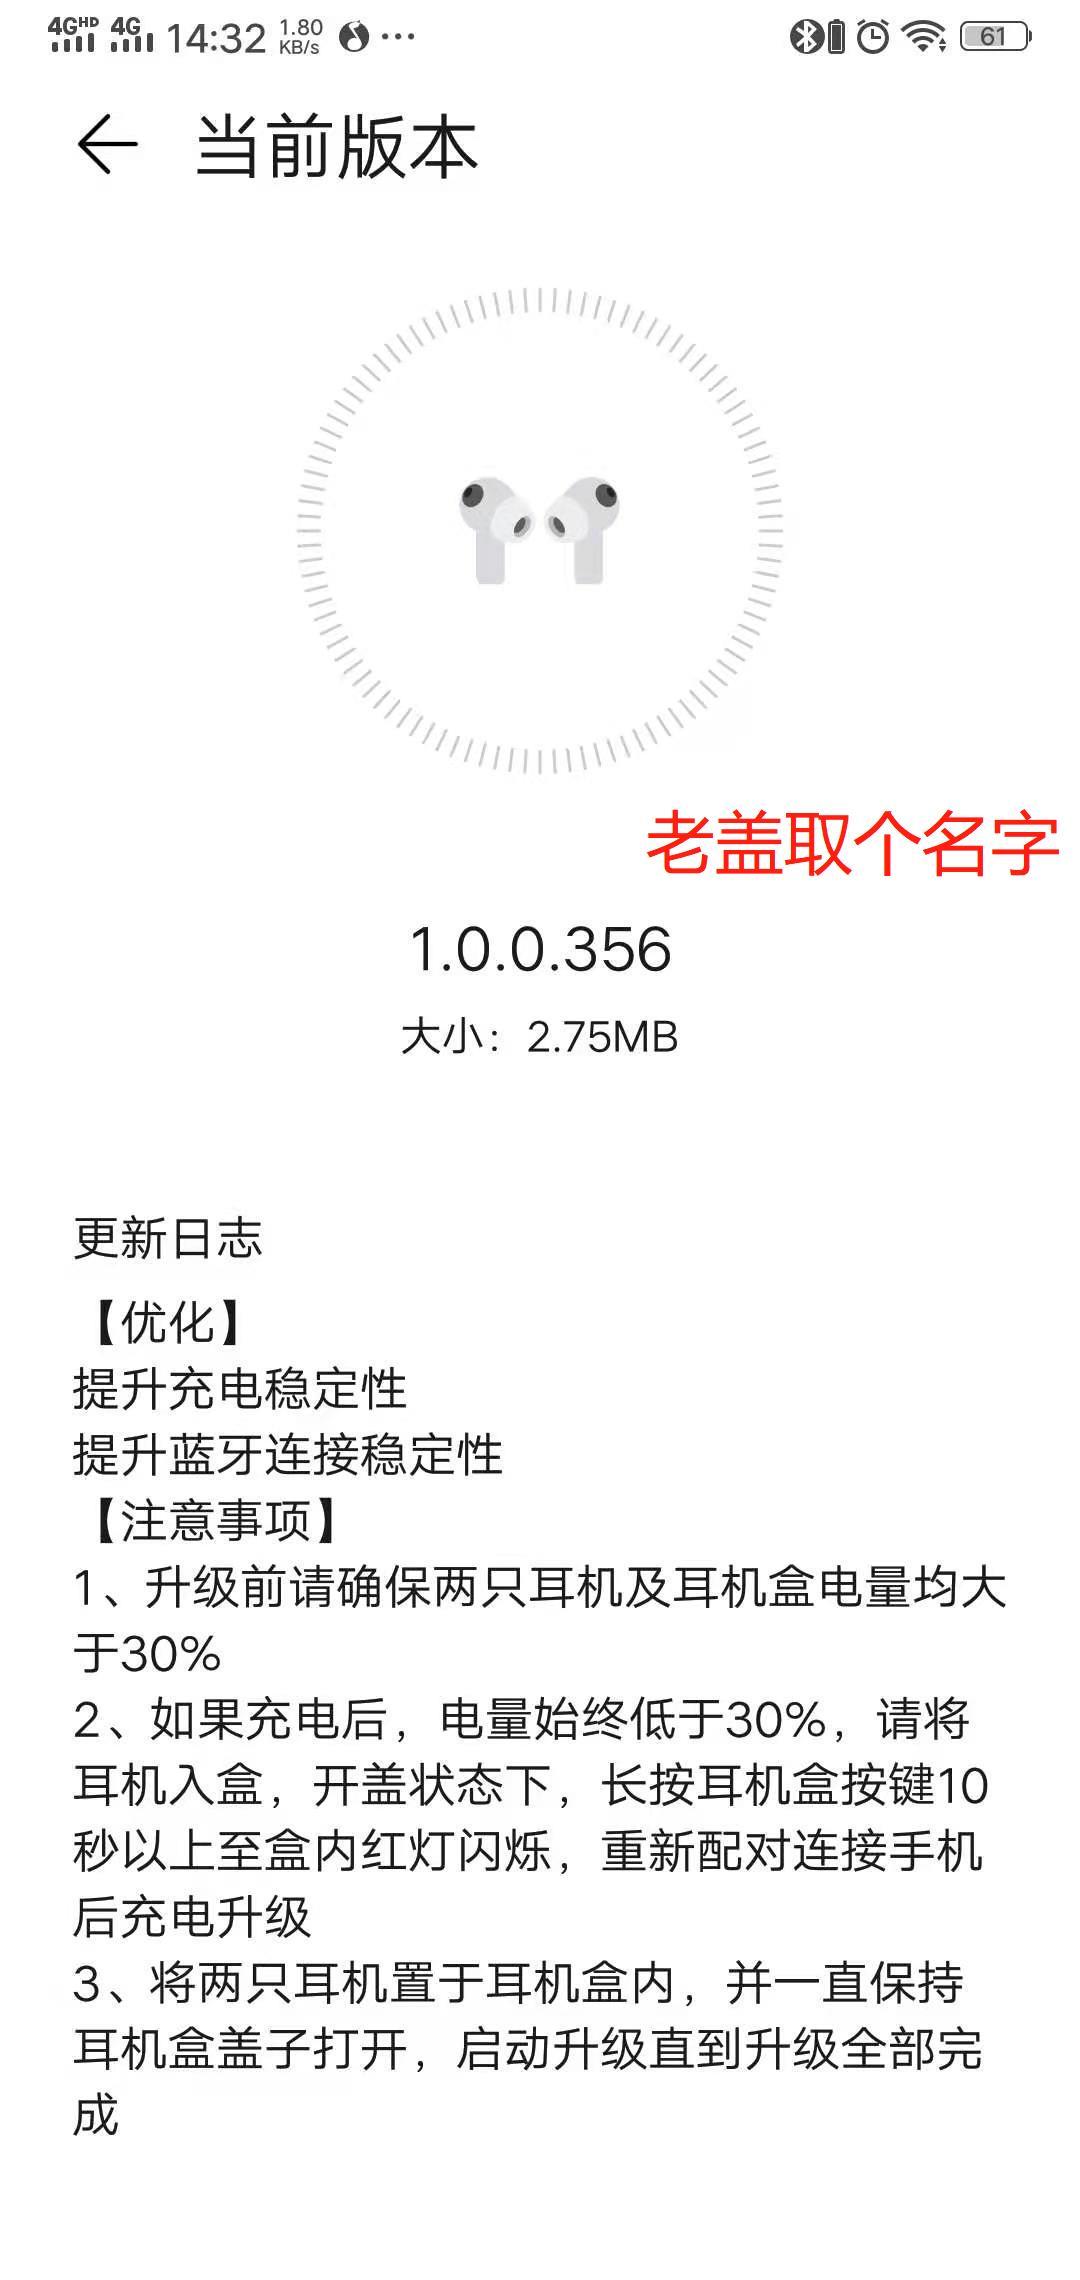 微信图片编辑_20210329143526.jpg